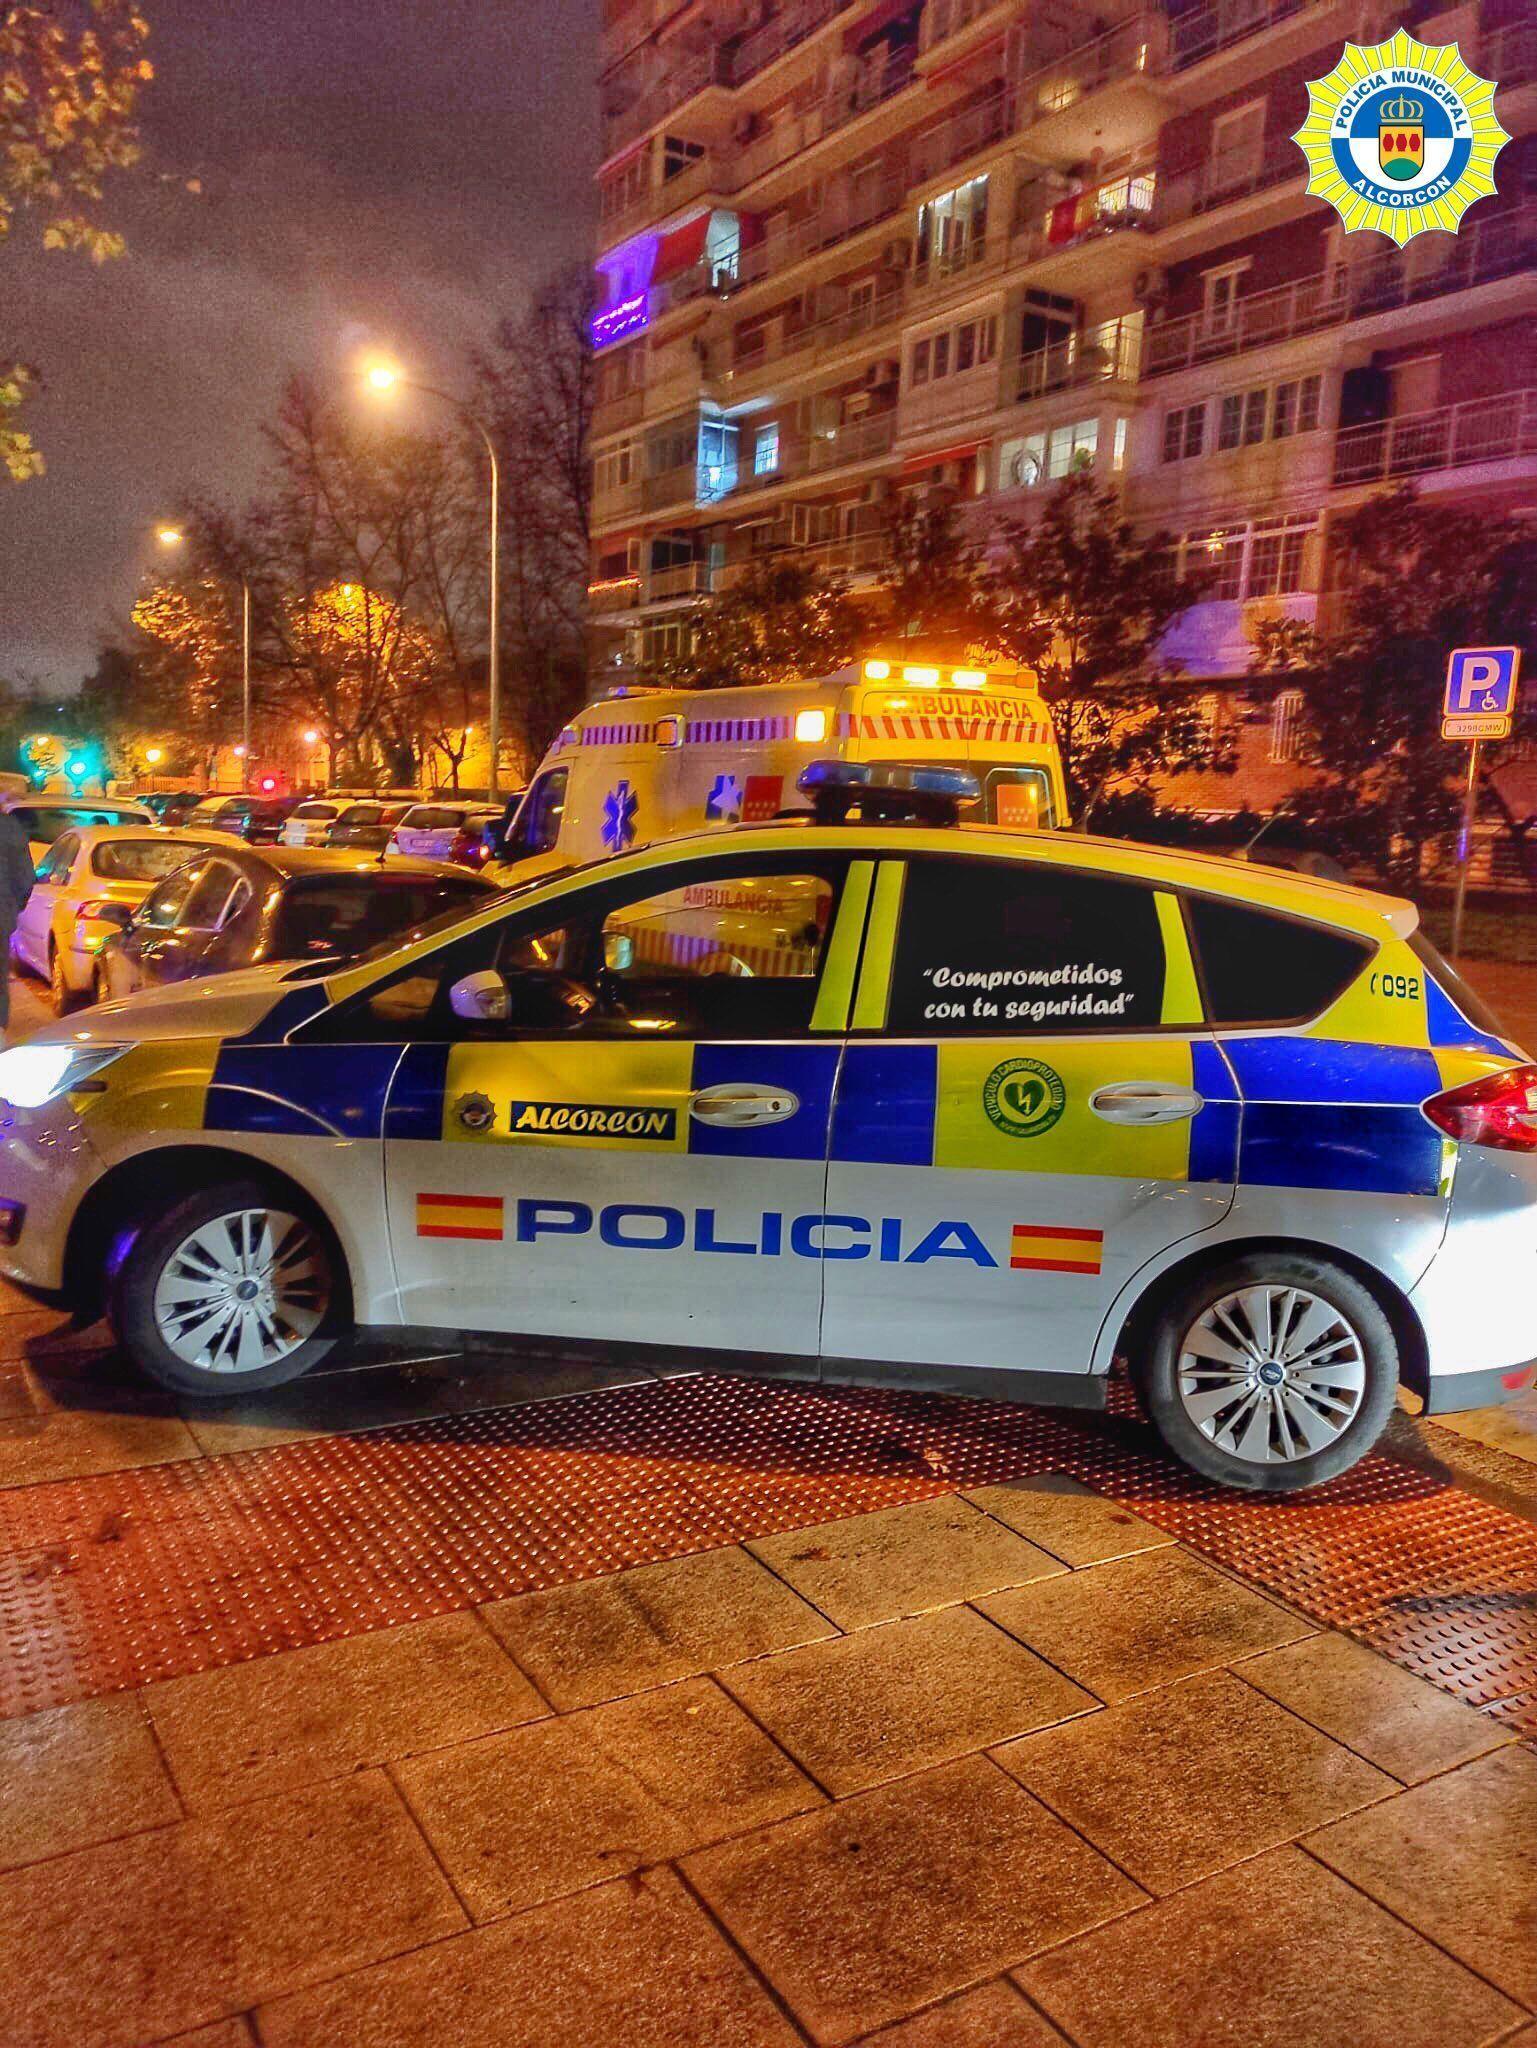 Incidentes de tráfico e intoxicaciones etílicas en Alcorcón